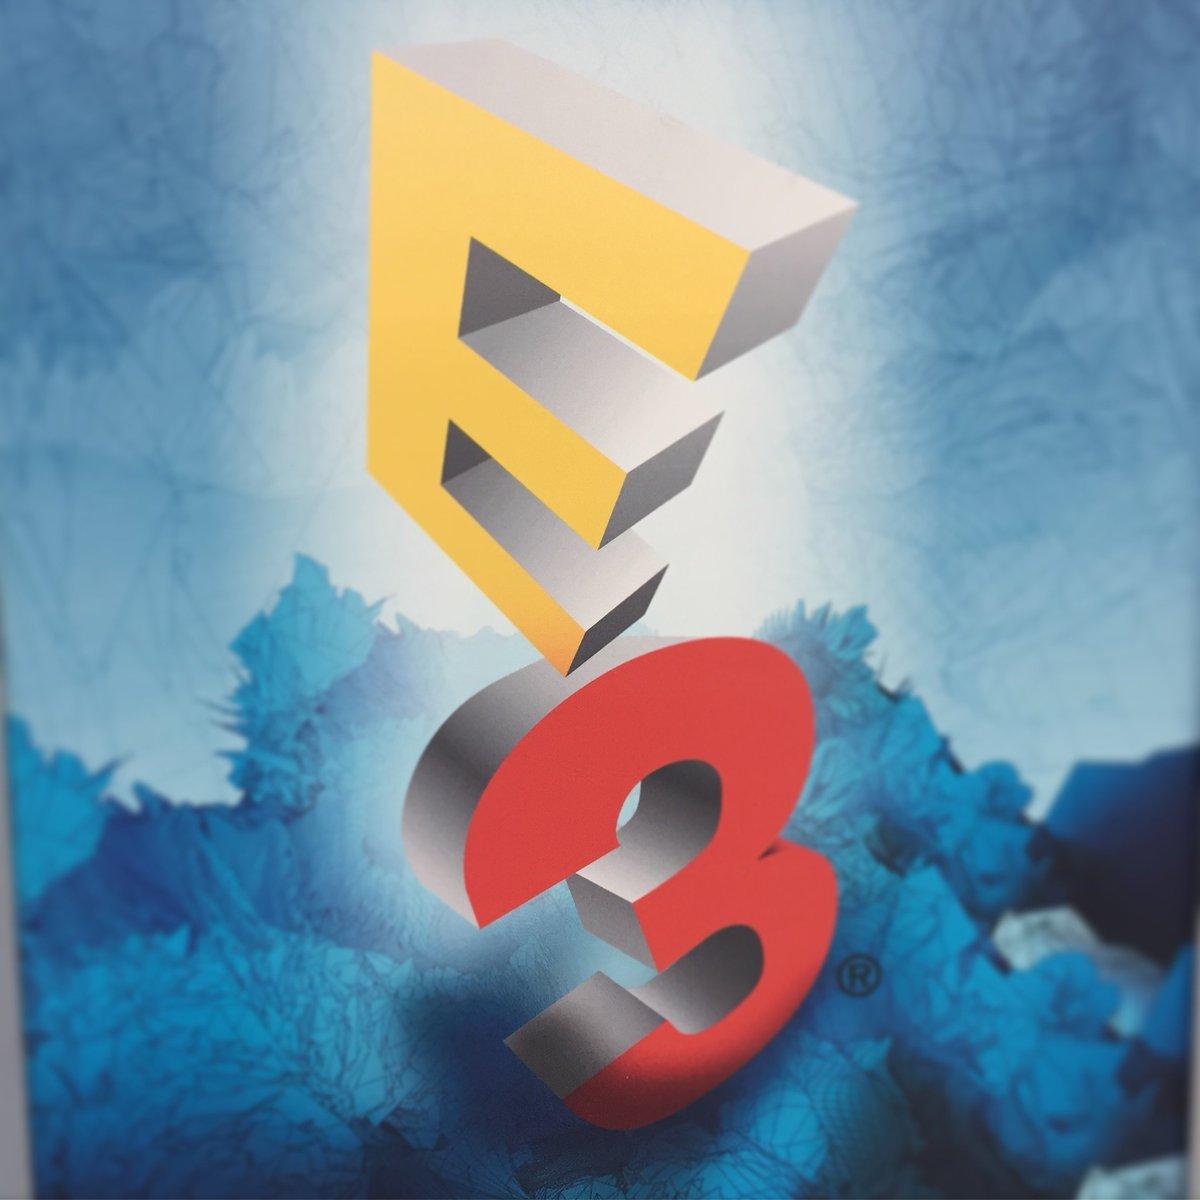 We'll see you real soon #E3 #E3SEGA